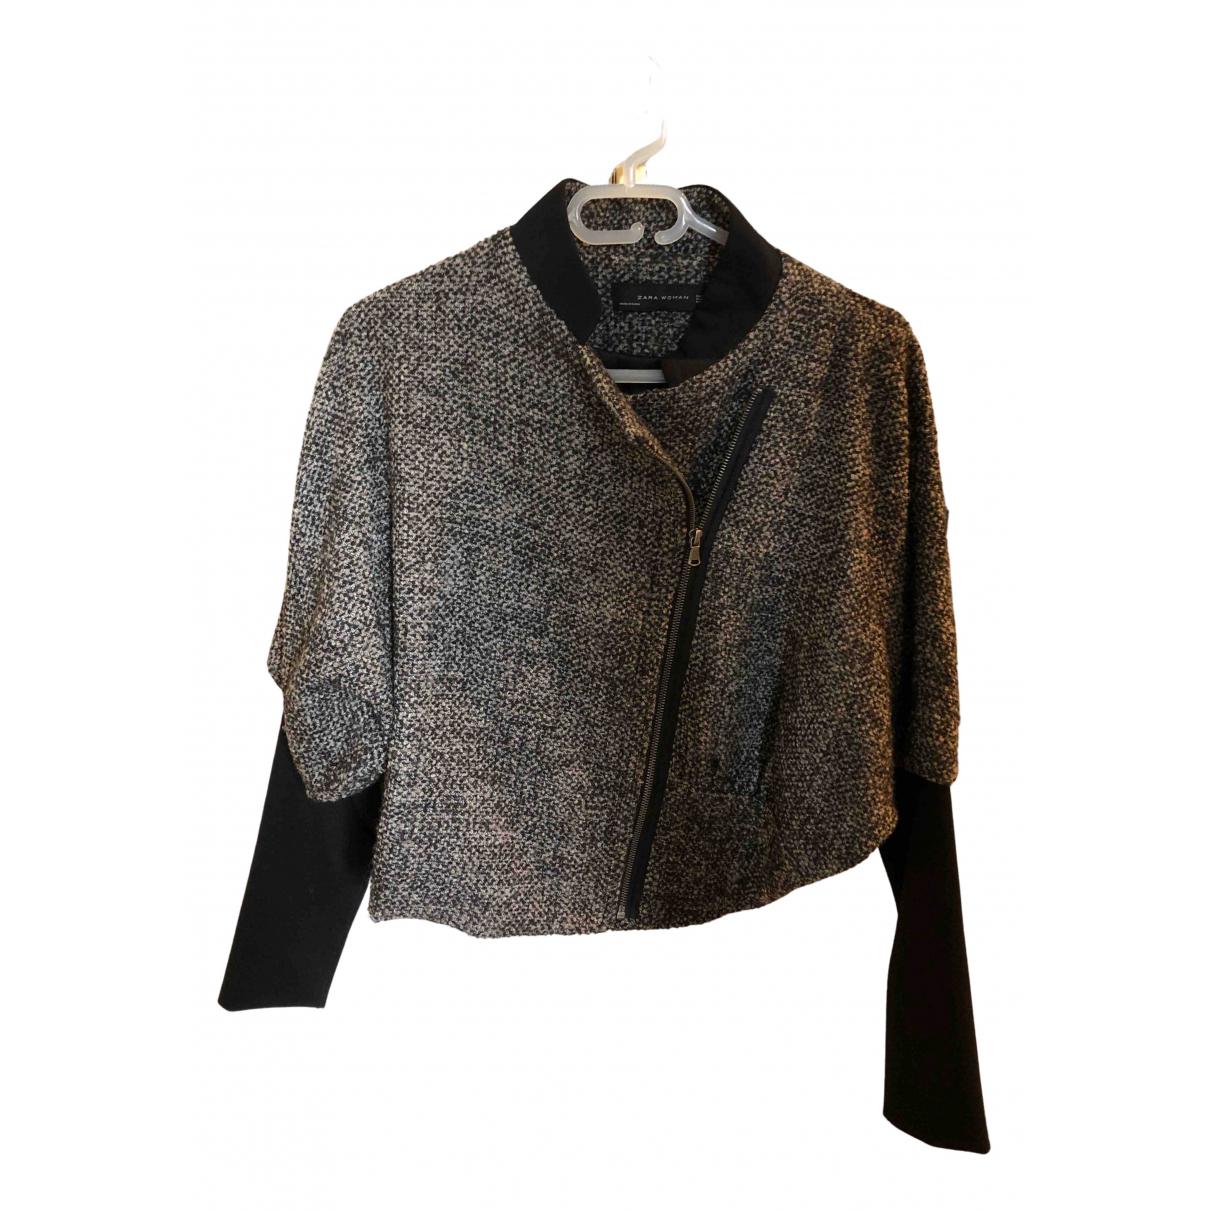 Zara \N Lederjacke in  Grau Wolle